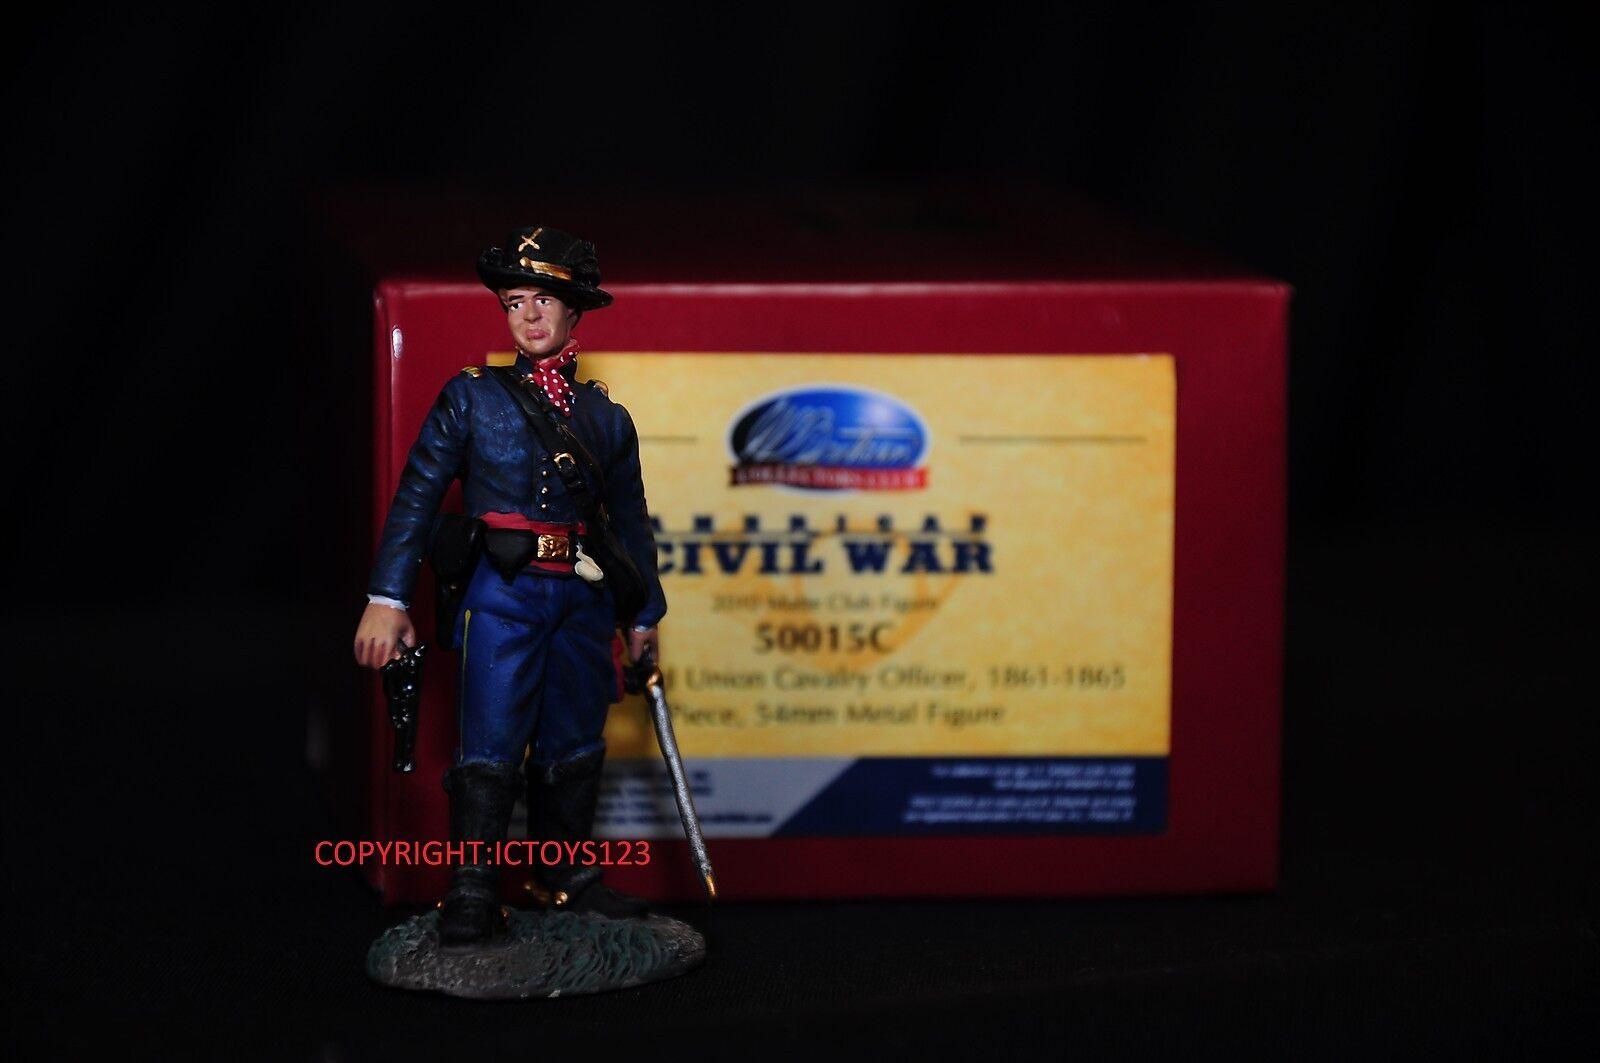 BRITAINS 50015c AMERICAN CIVIL CIVIL CIVIL WAR UNION cavalerie officier toy soldier figure 591615